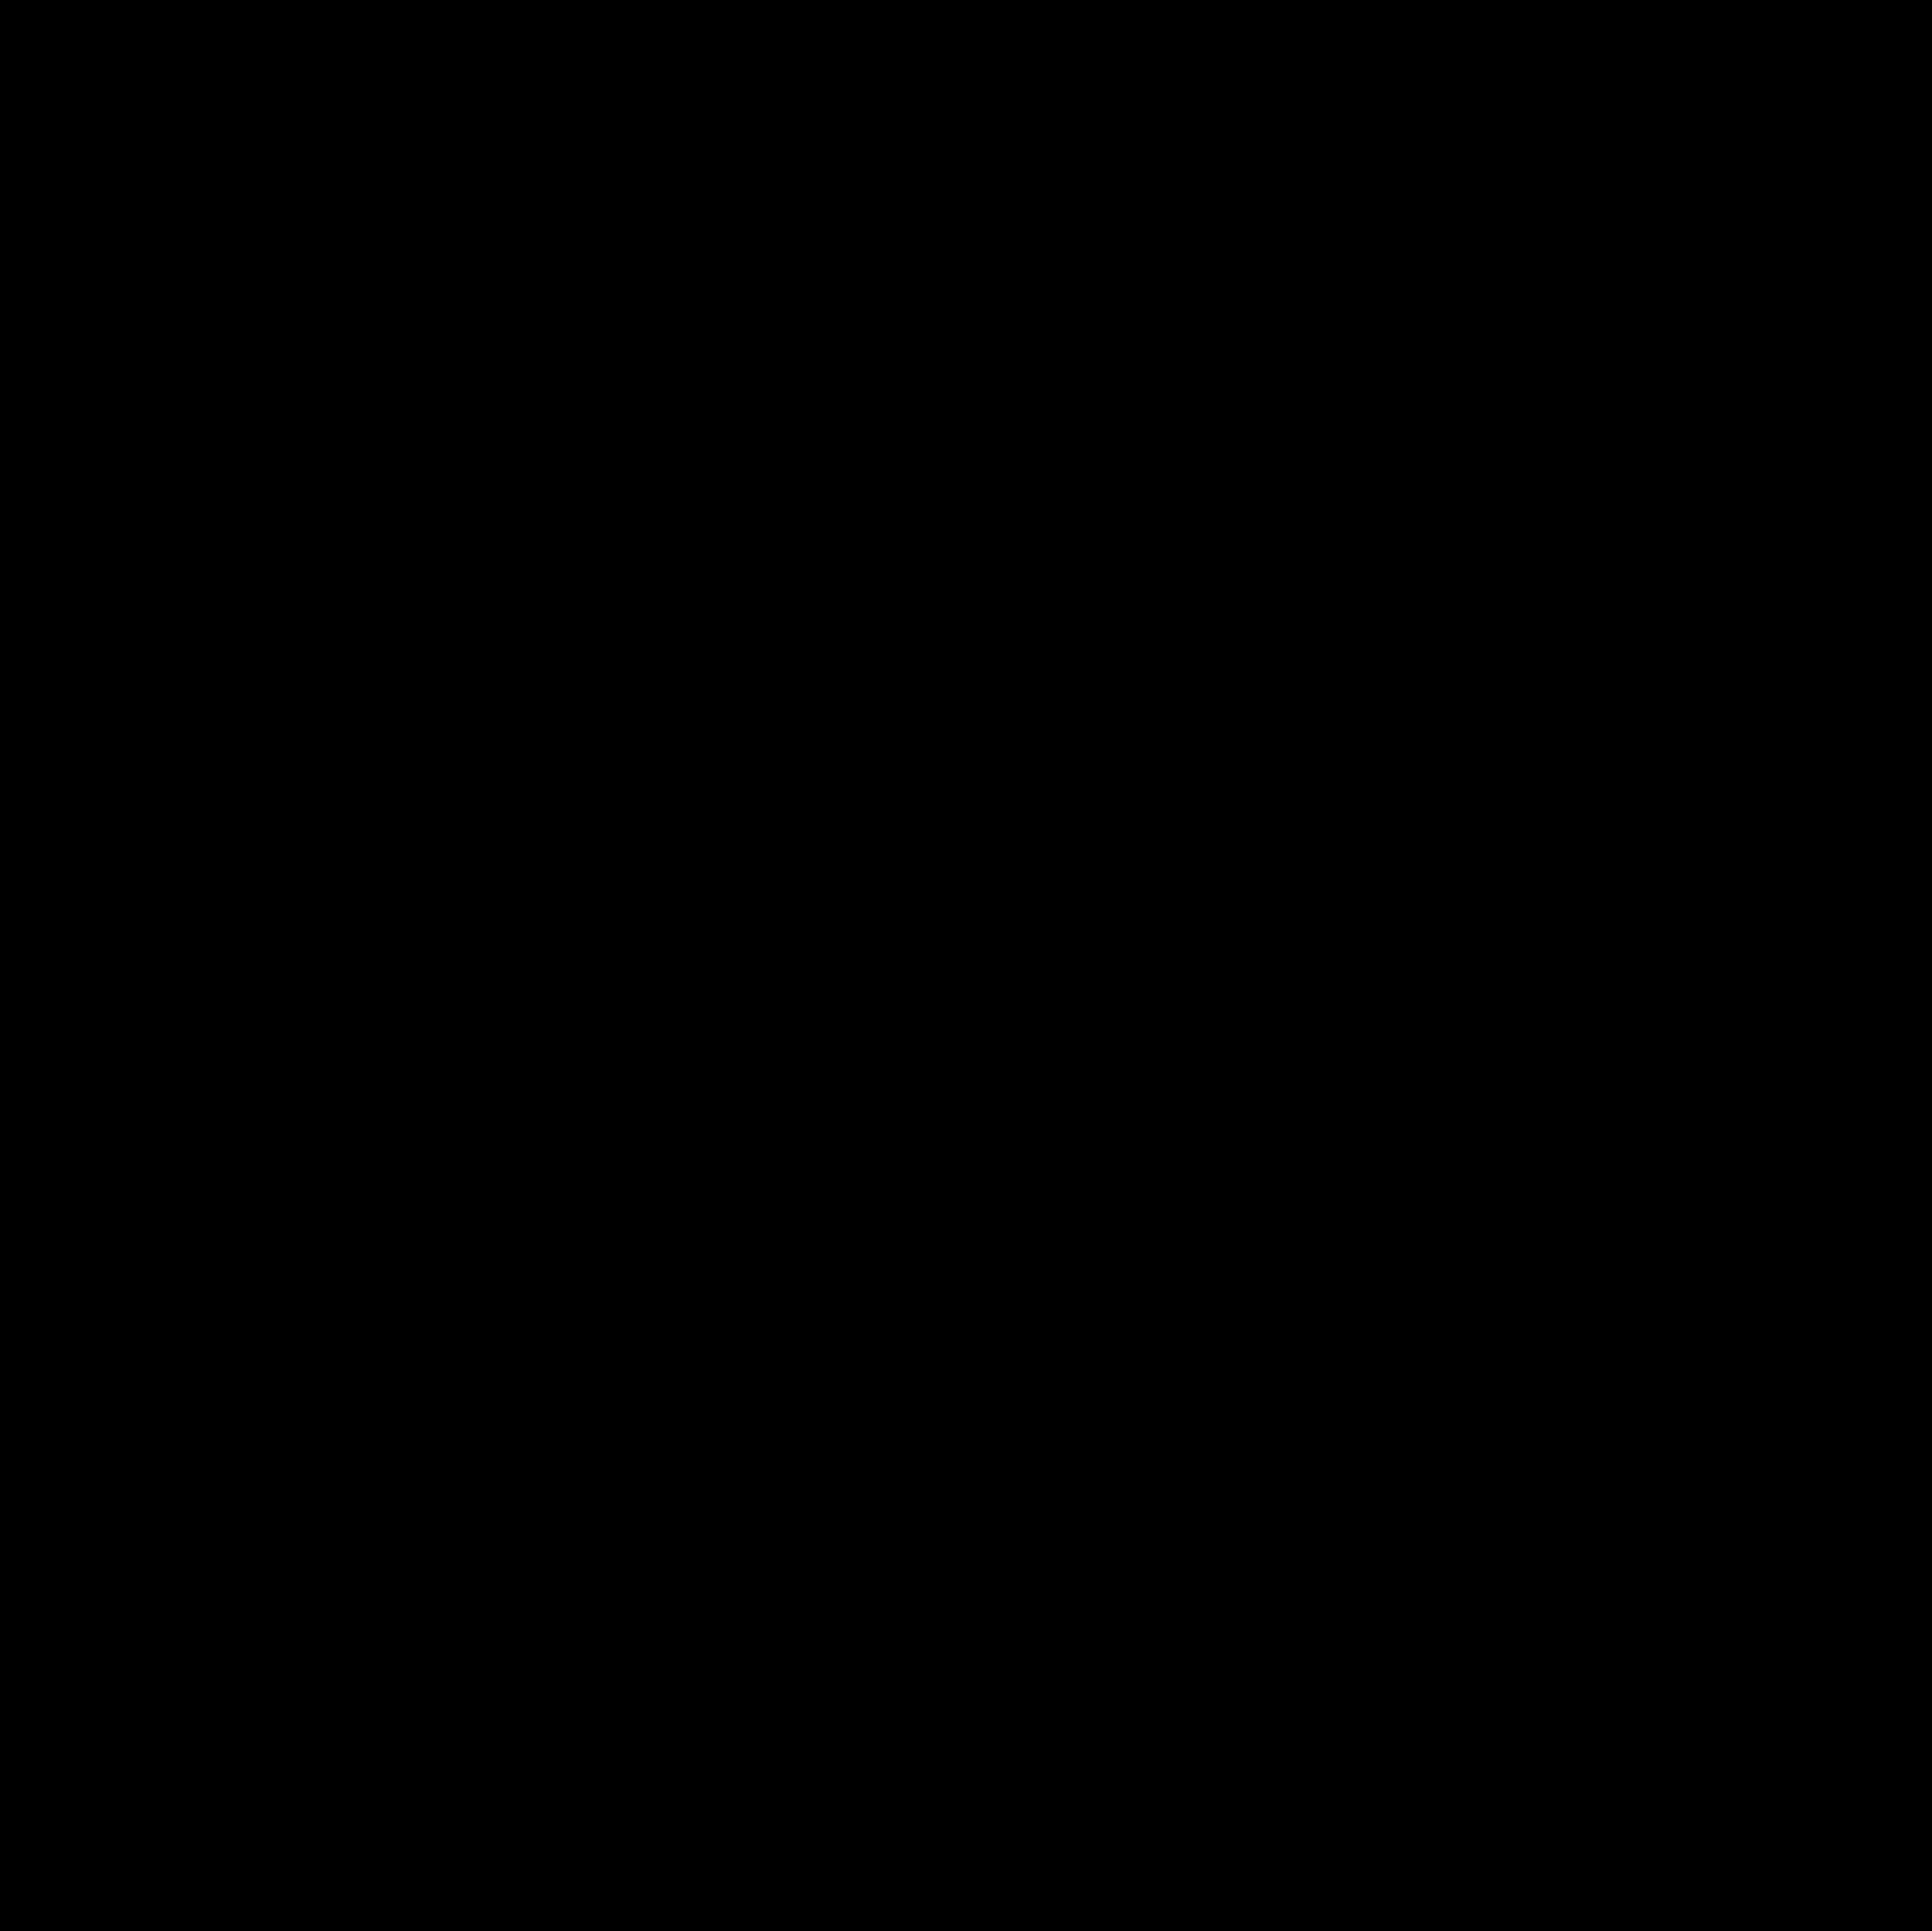 CURL-EHM7P